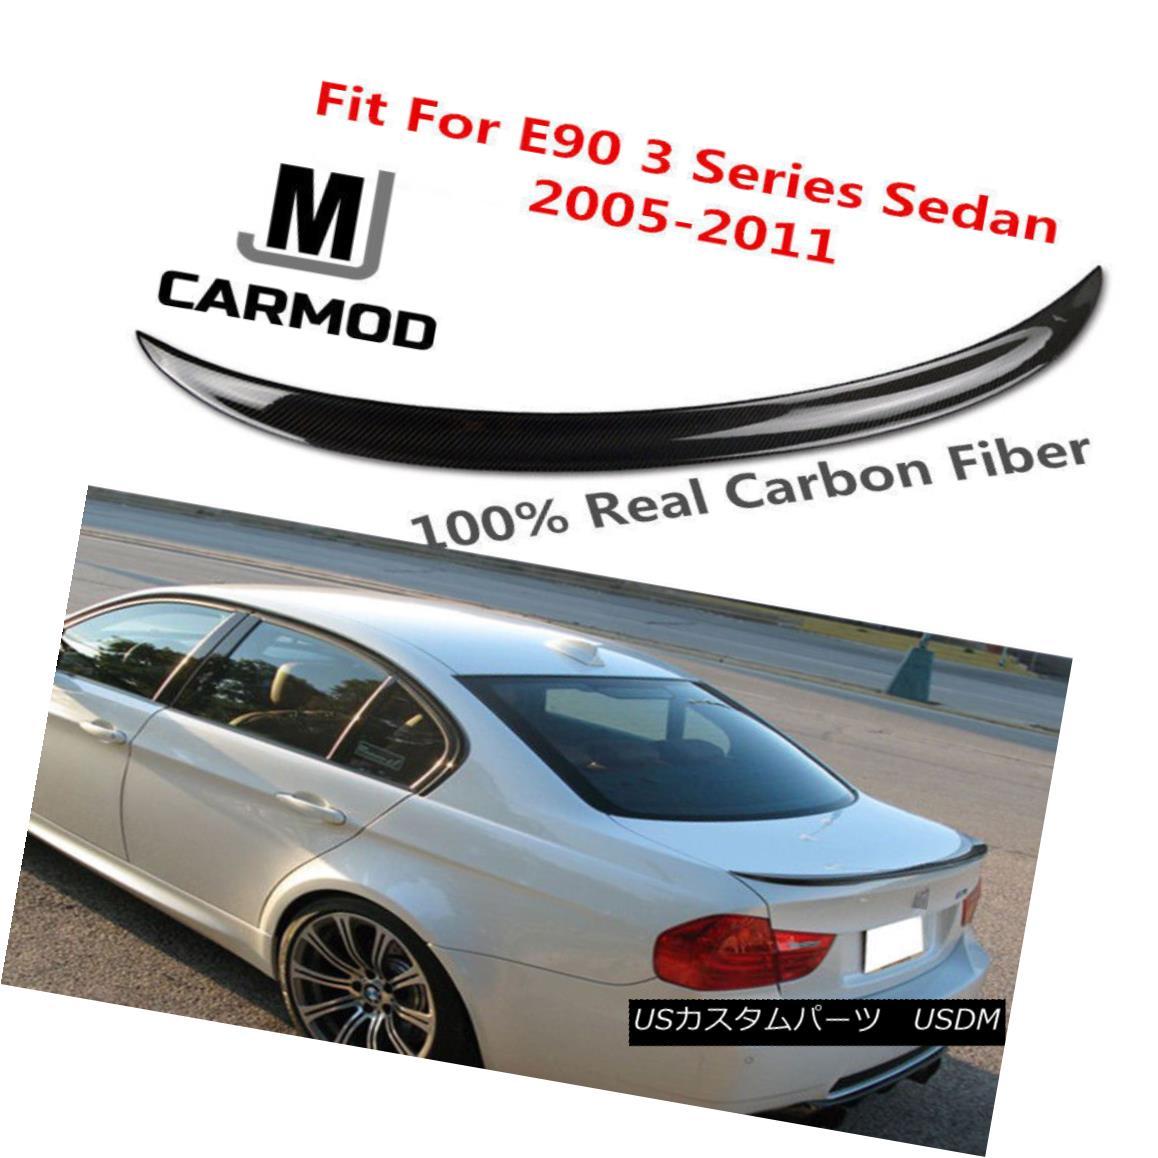 エアロパーツ FIT FOR BMW 3 Series 320i 323i 325i 335i 328i Sedan CARBON FIBER REAR SPOILER FIT FOR BMW 3シリーズ320i 323i 325i 335i 328iセダンカーボンファイバーリアスポイラ